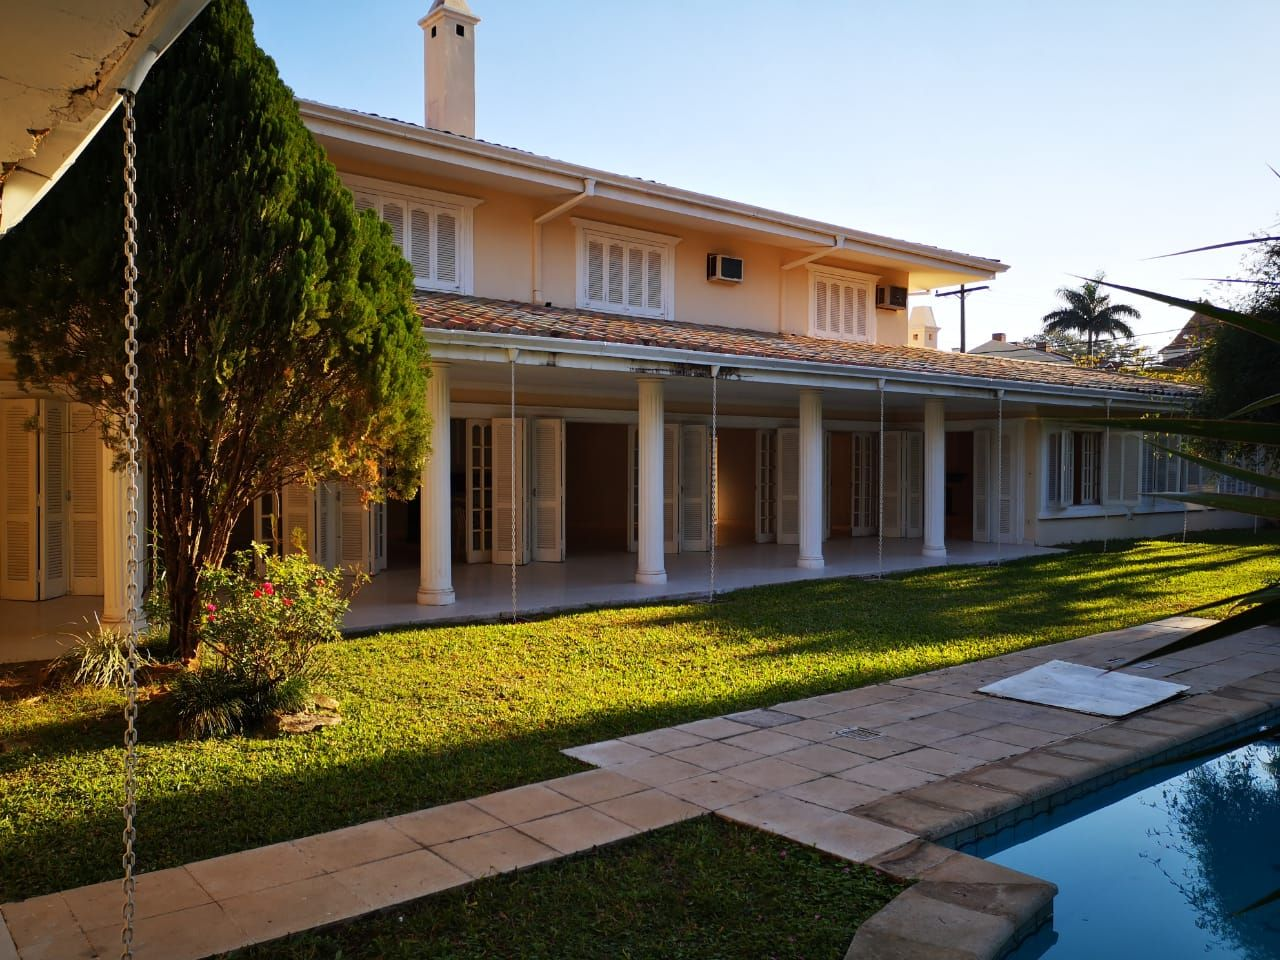 Casa en alquiler Mburucuyá 5 dormitorios